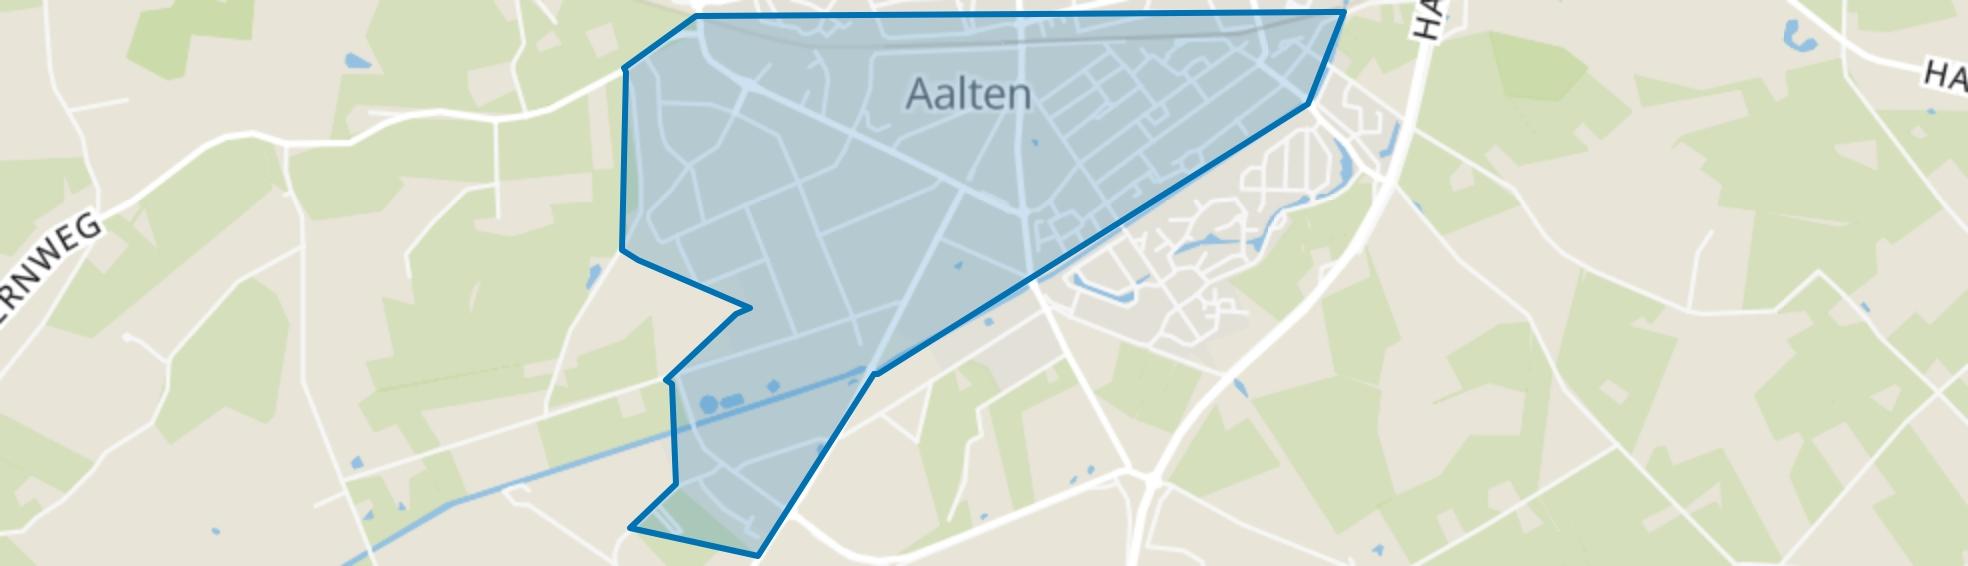 Aalten-kern Zuid 1, Aalten map